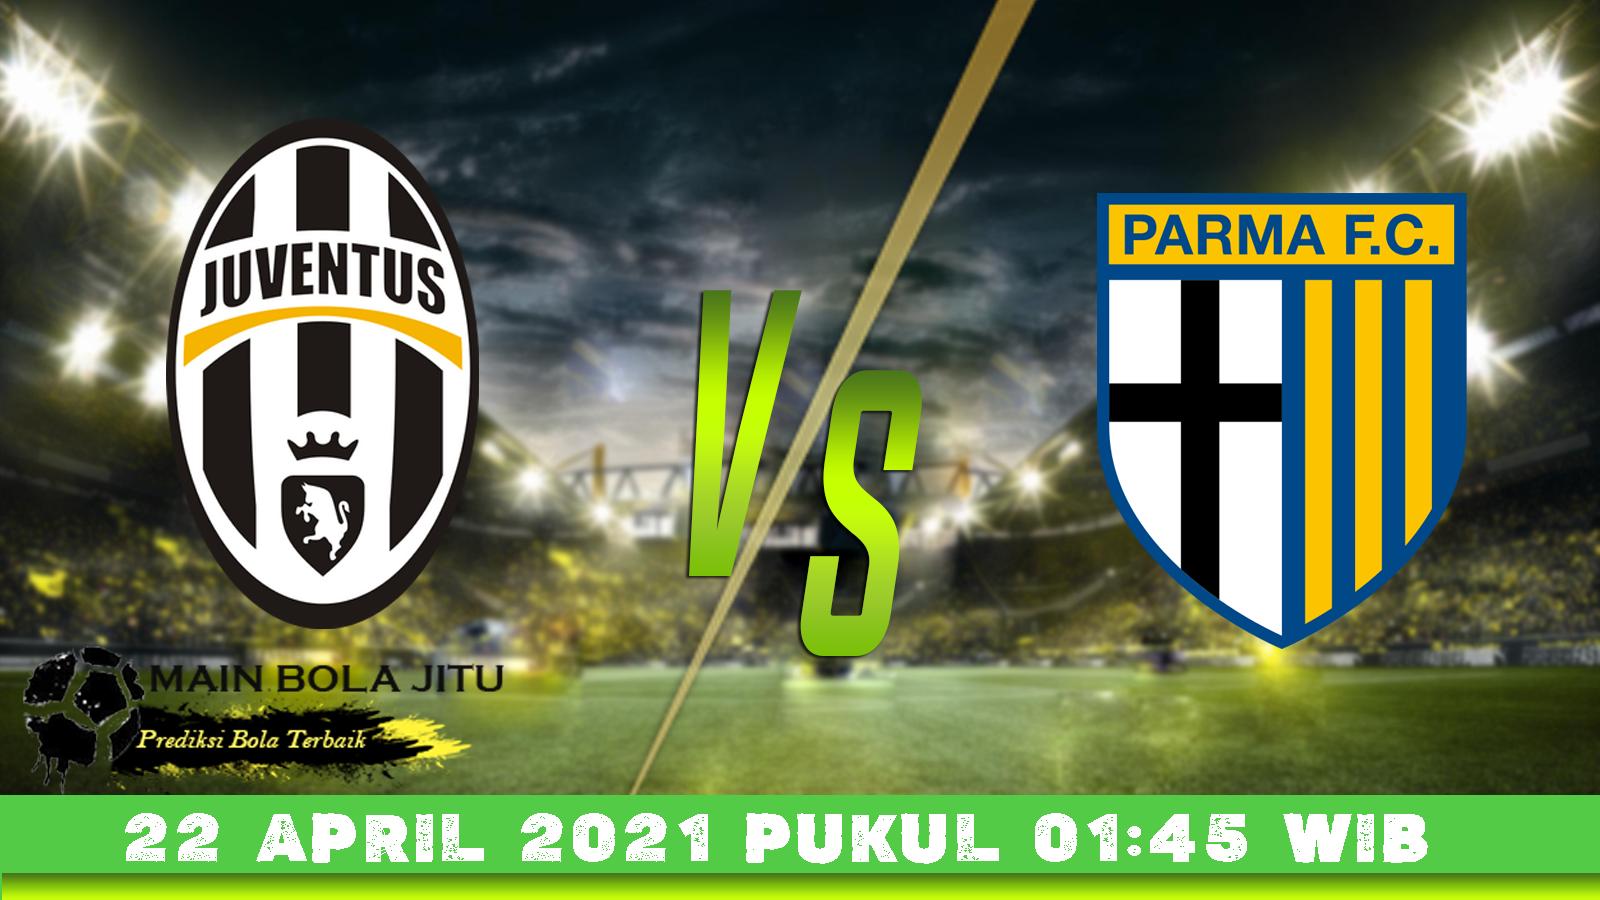 Prediksi Bola Juventus Vs Parma